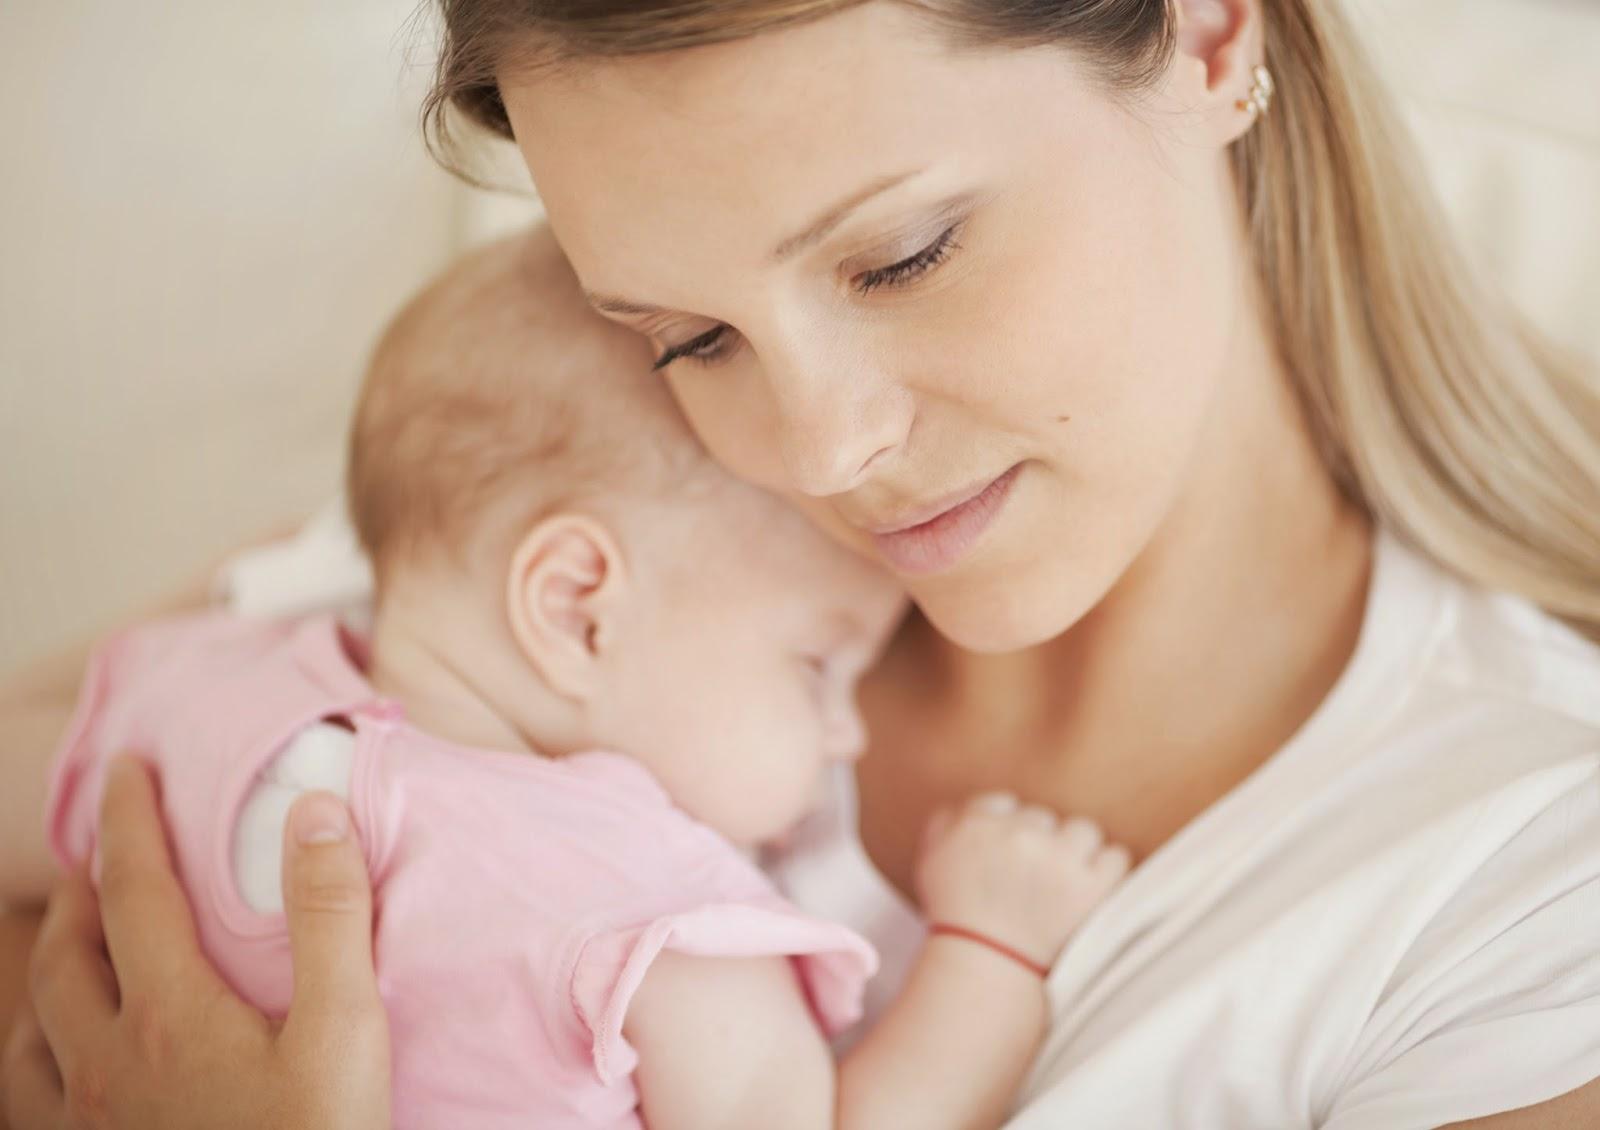 Мама держит малыша на руках и прижимает к себе